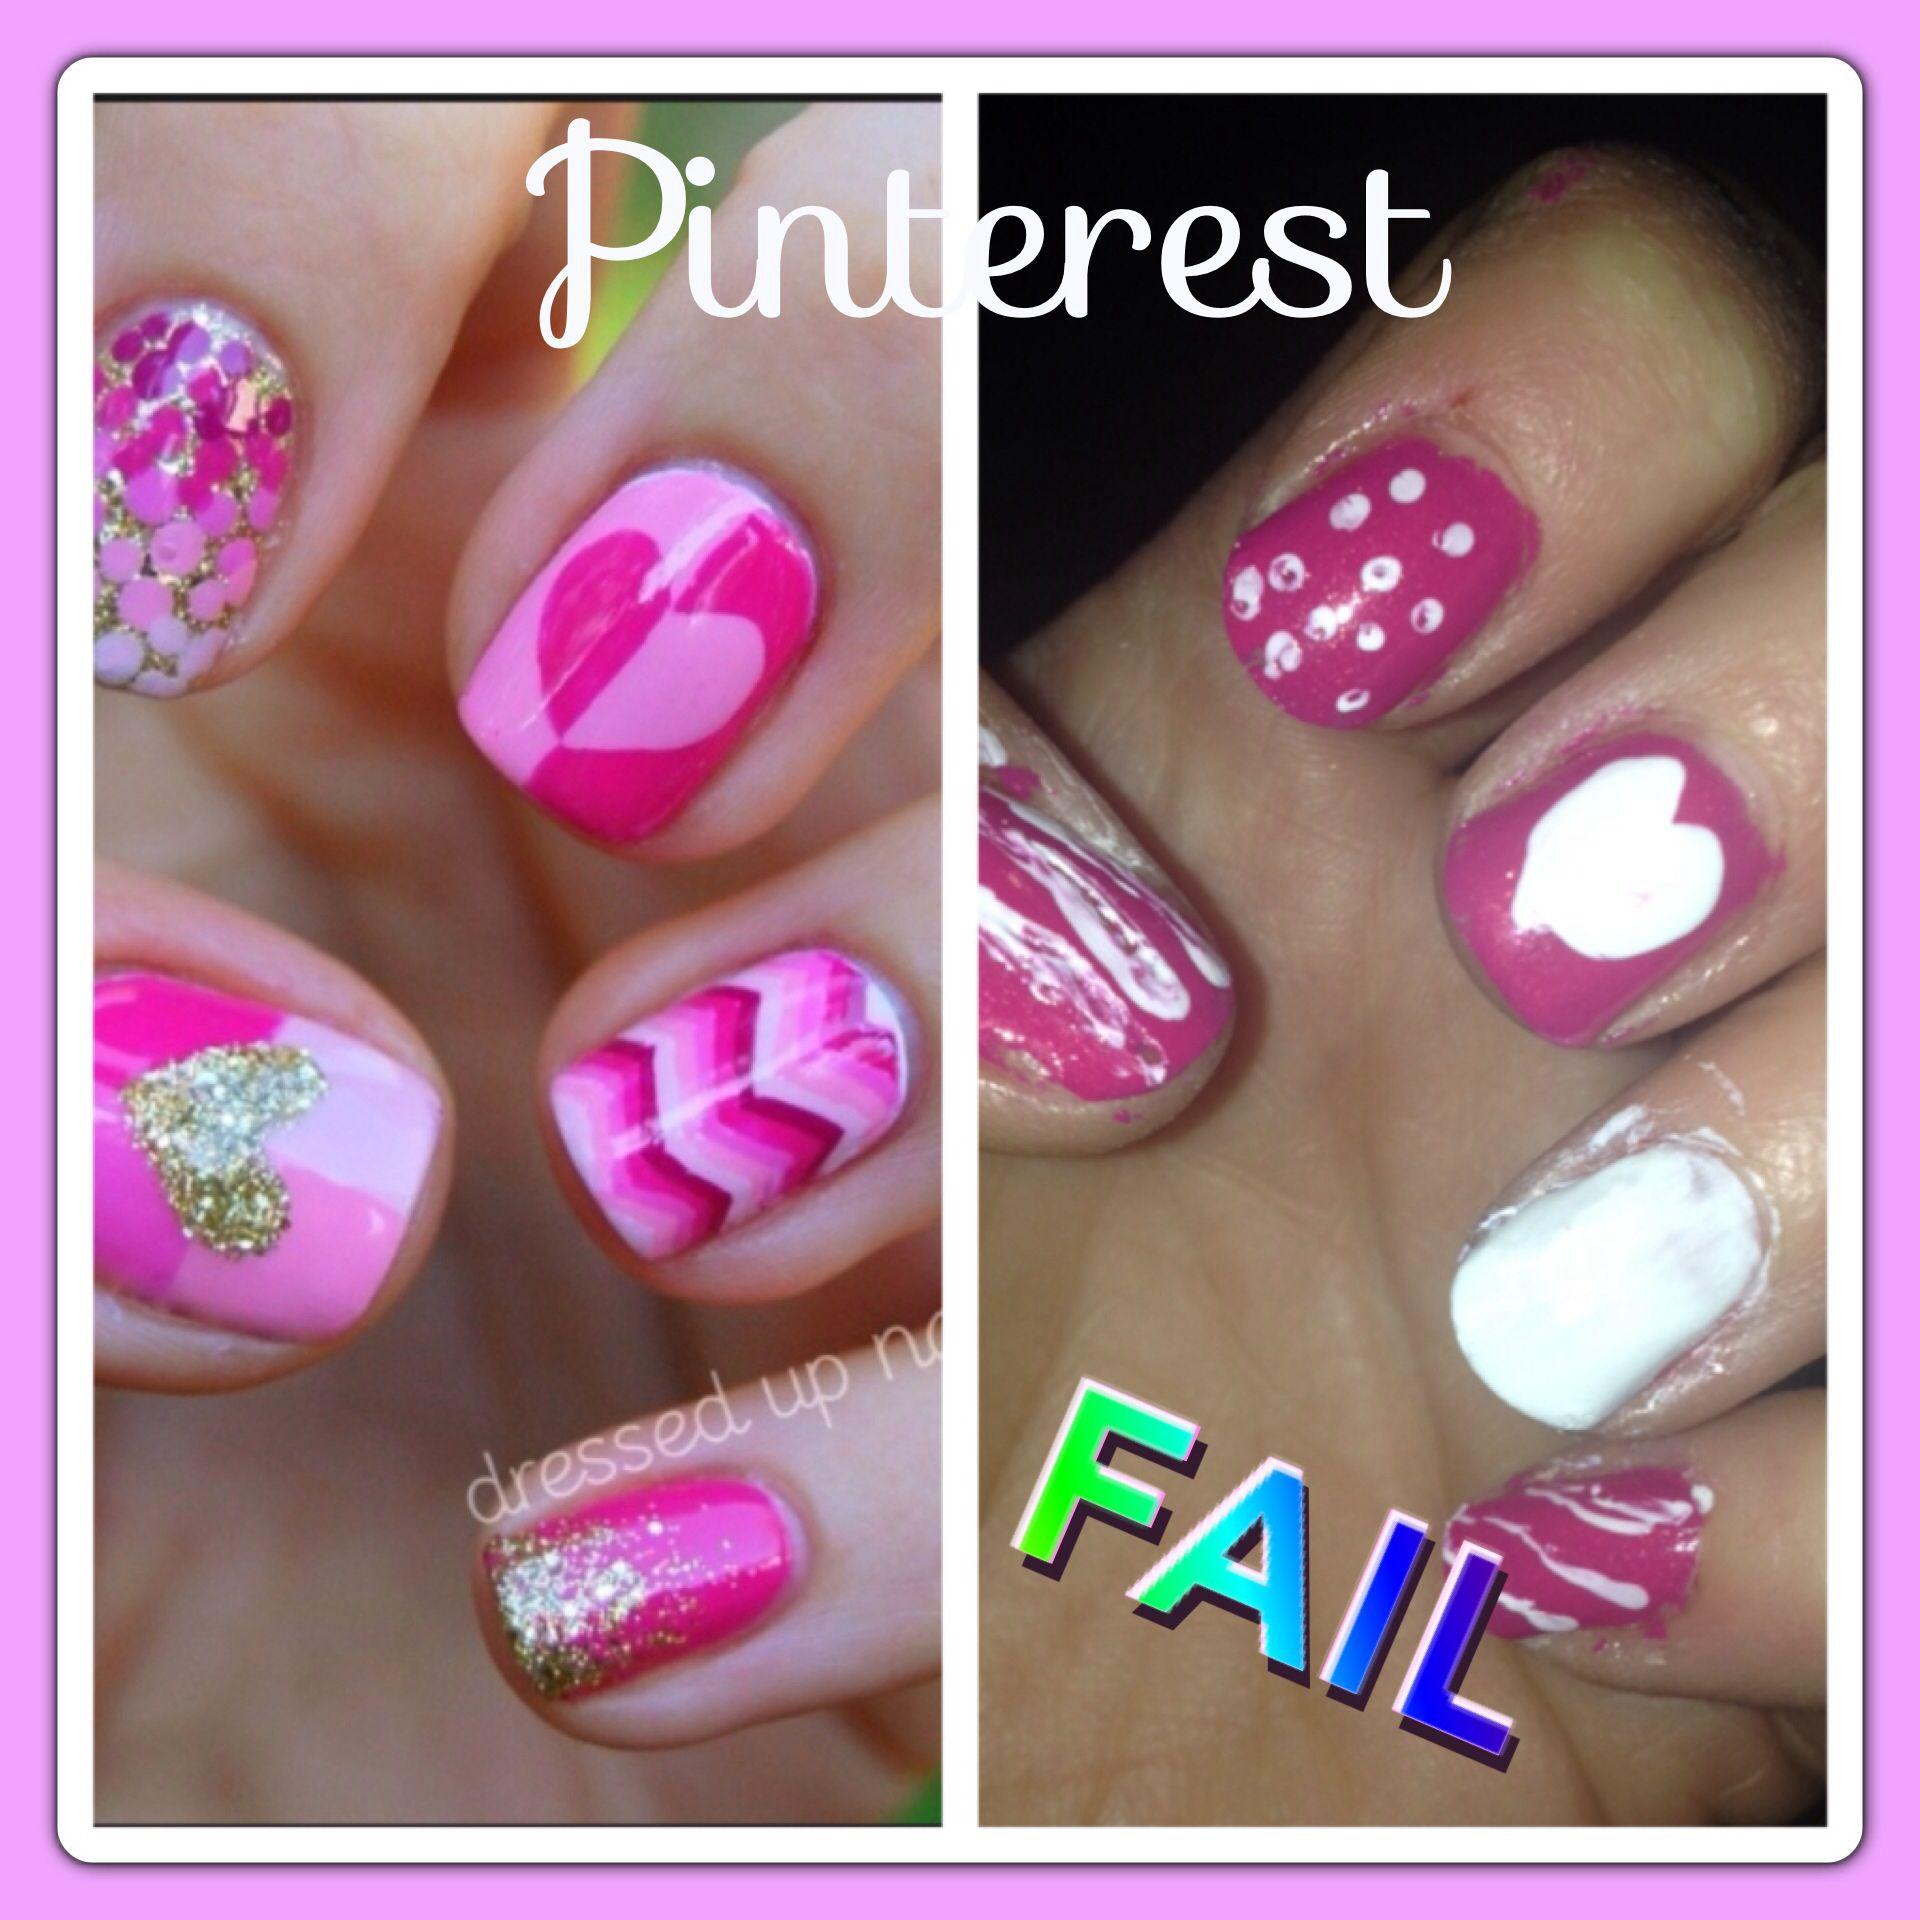 Pinterest #Fail Valentine Nails #PinterestFail | Pinterest FAIL ...